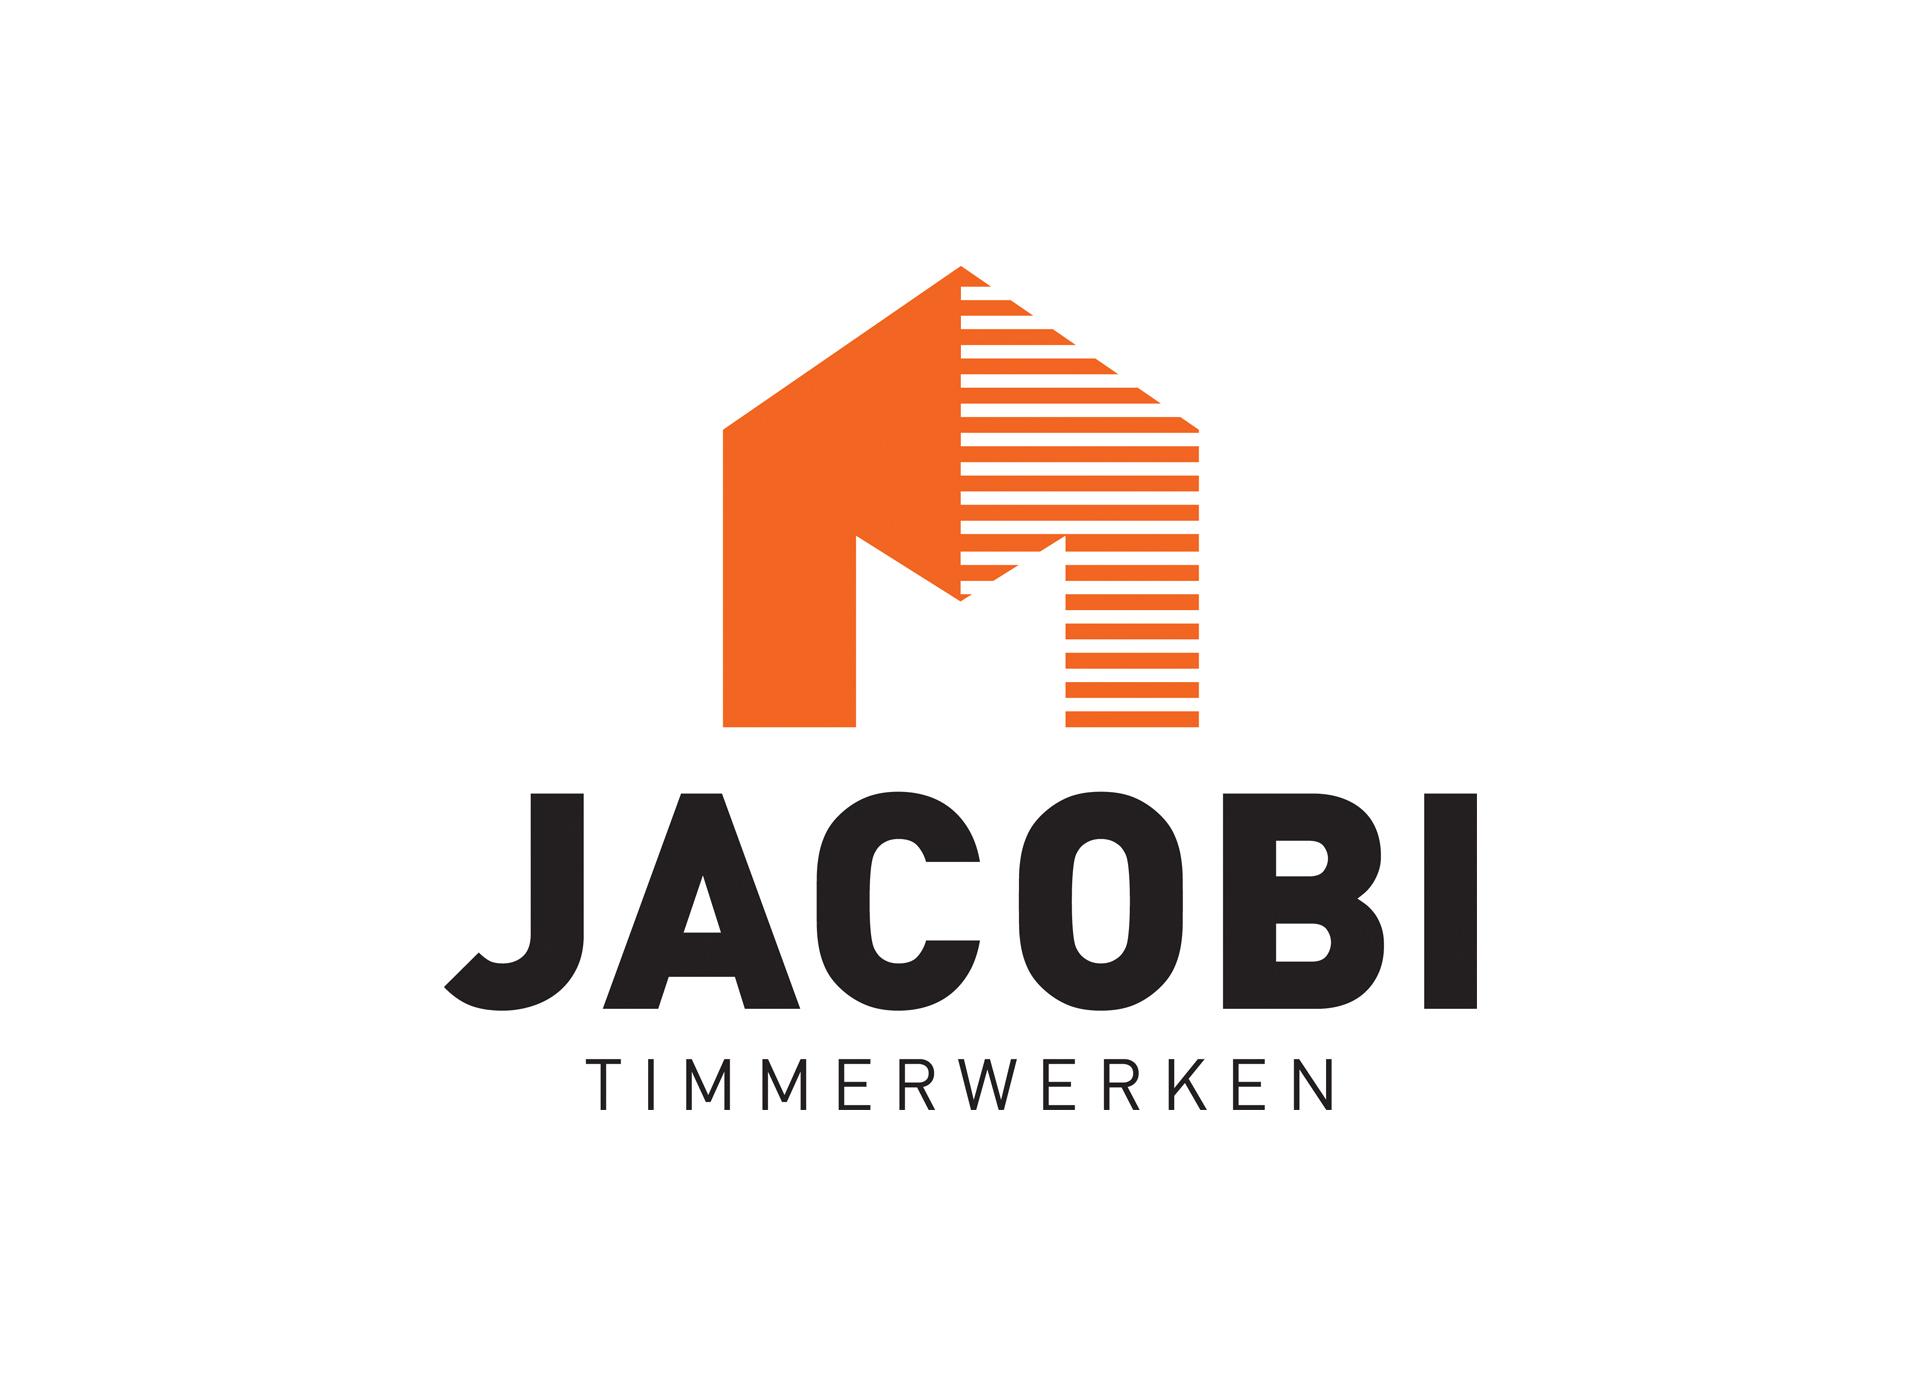 Marijn Jacobi Timmerwerken